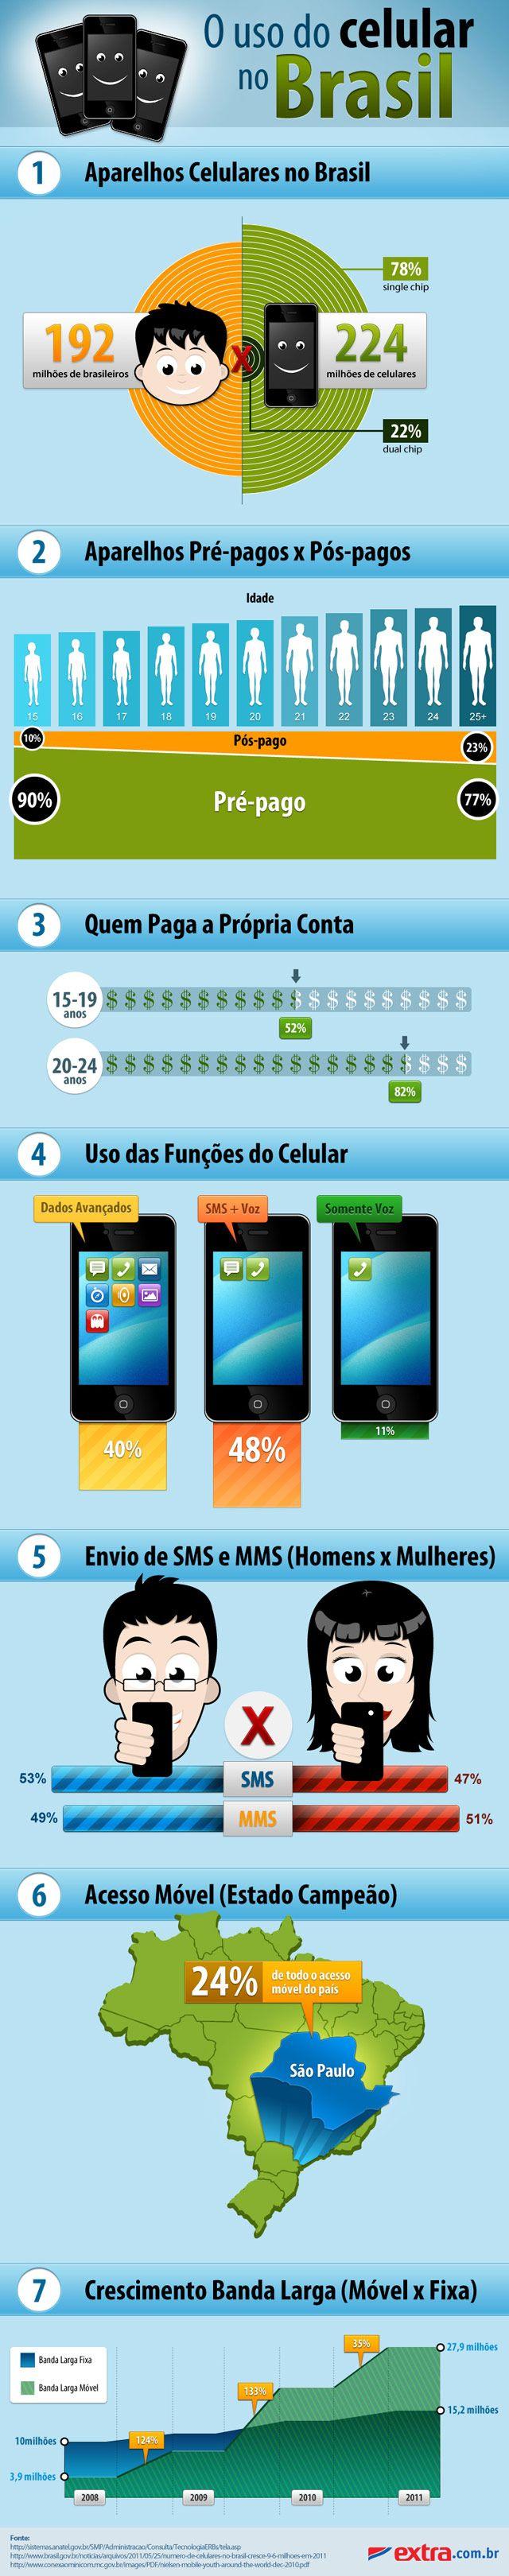 O uso do celular no Brasil